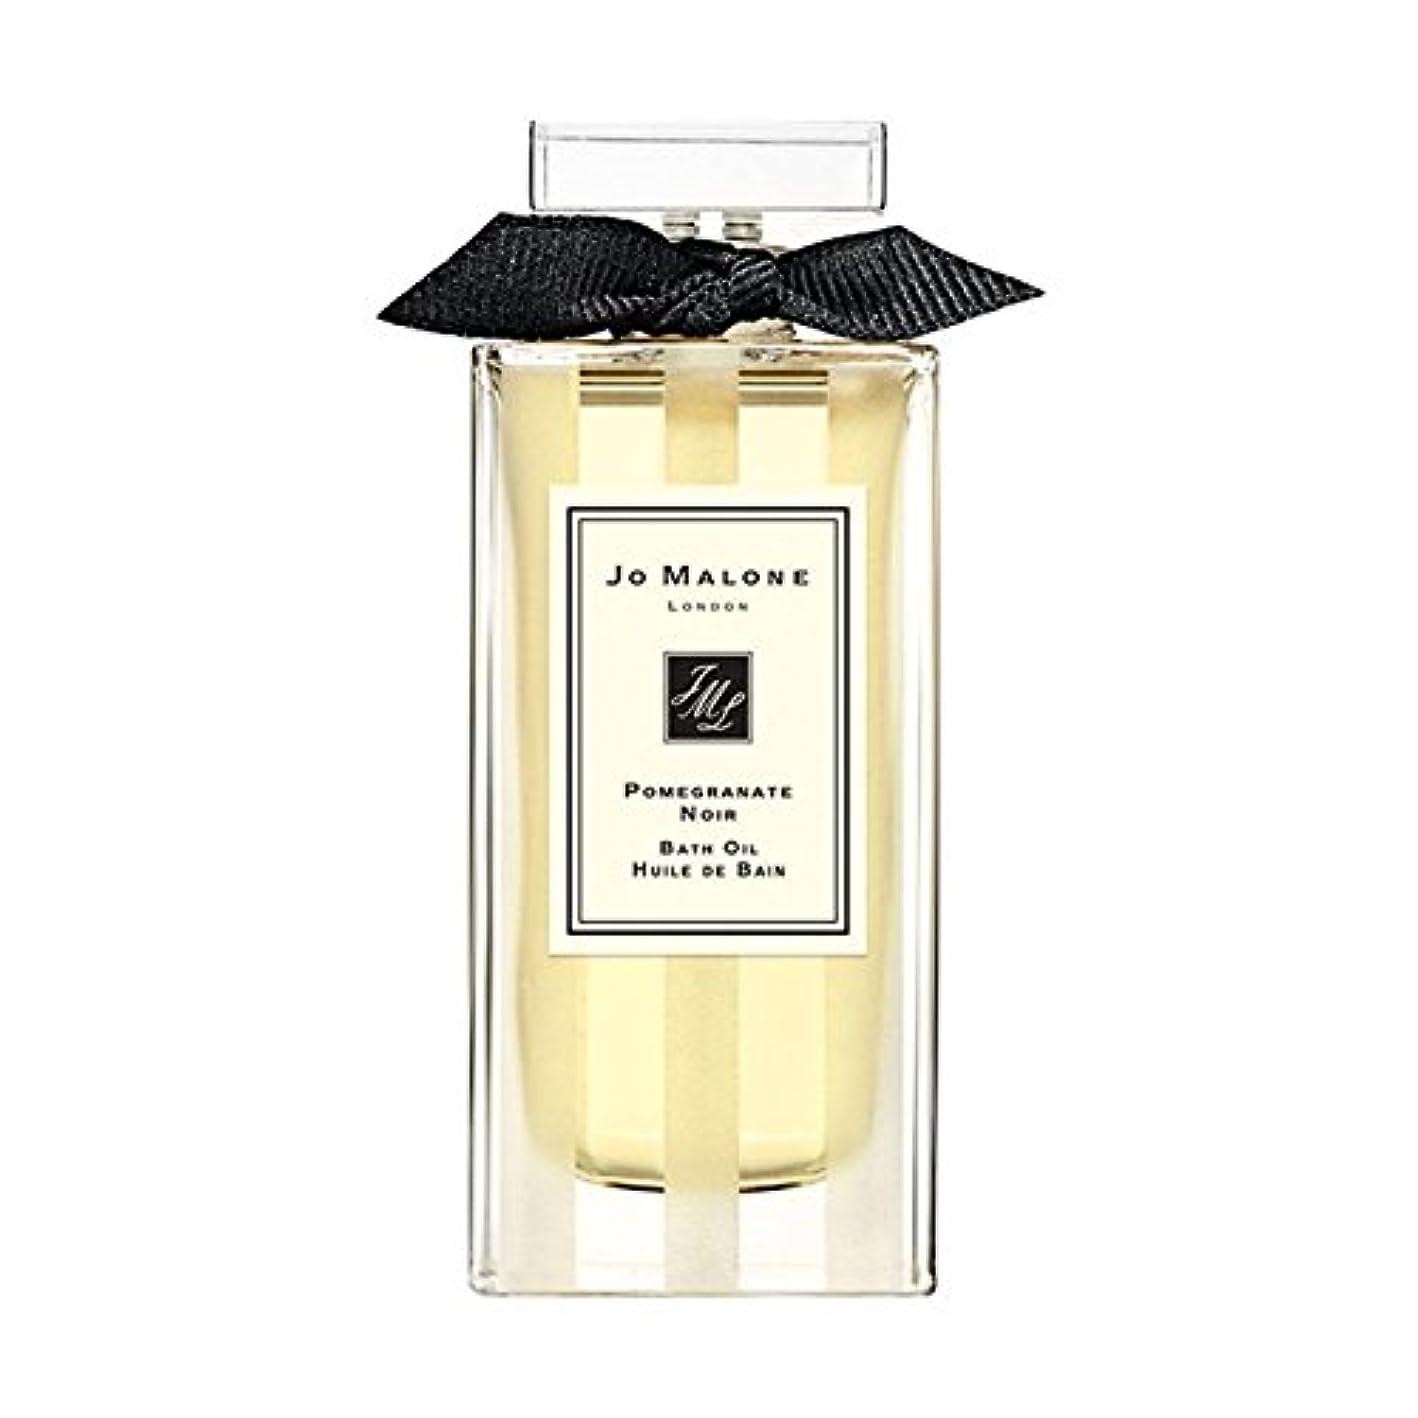 差別的リアル安全Jo Malone ジョーマローン, バスオイル -ザクロ?ノワール (30ml),'Pomegranate Noir' Bath Oil (1oz) [海外直送品] [並行輸入品]